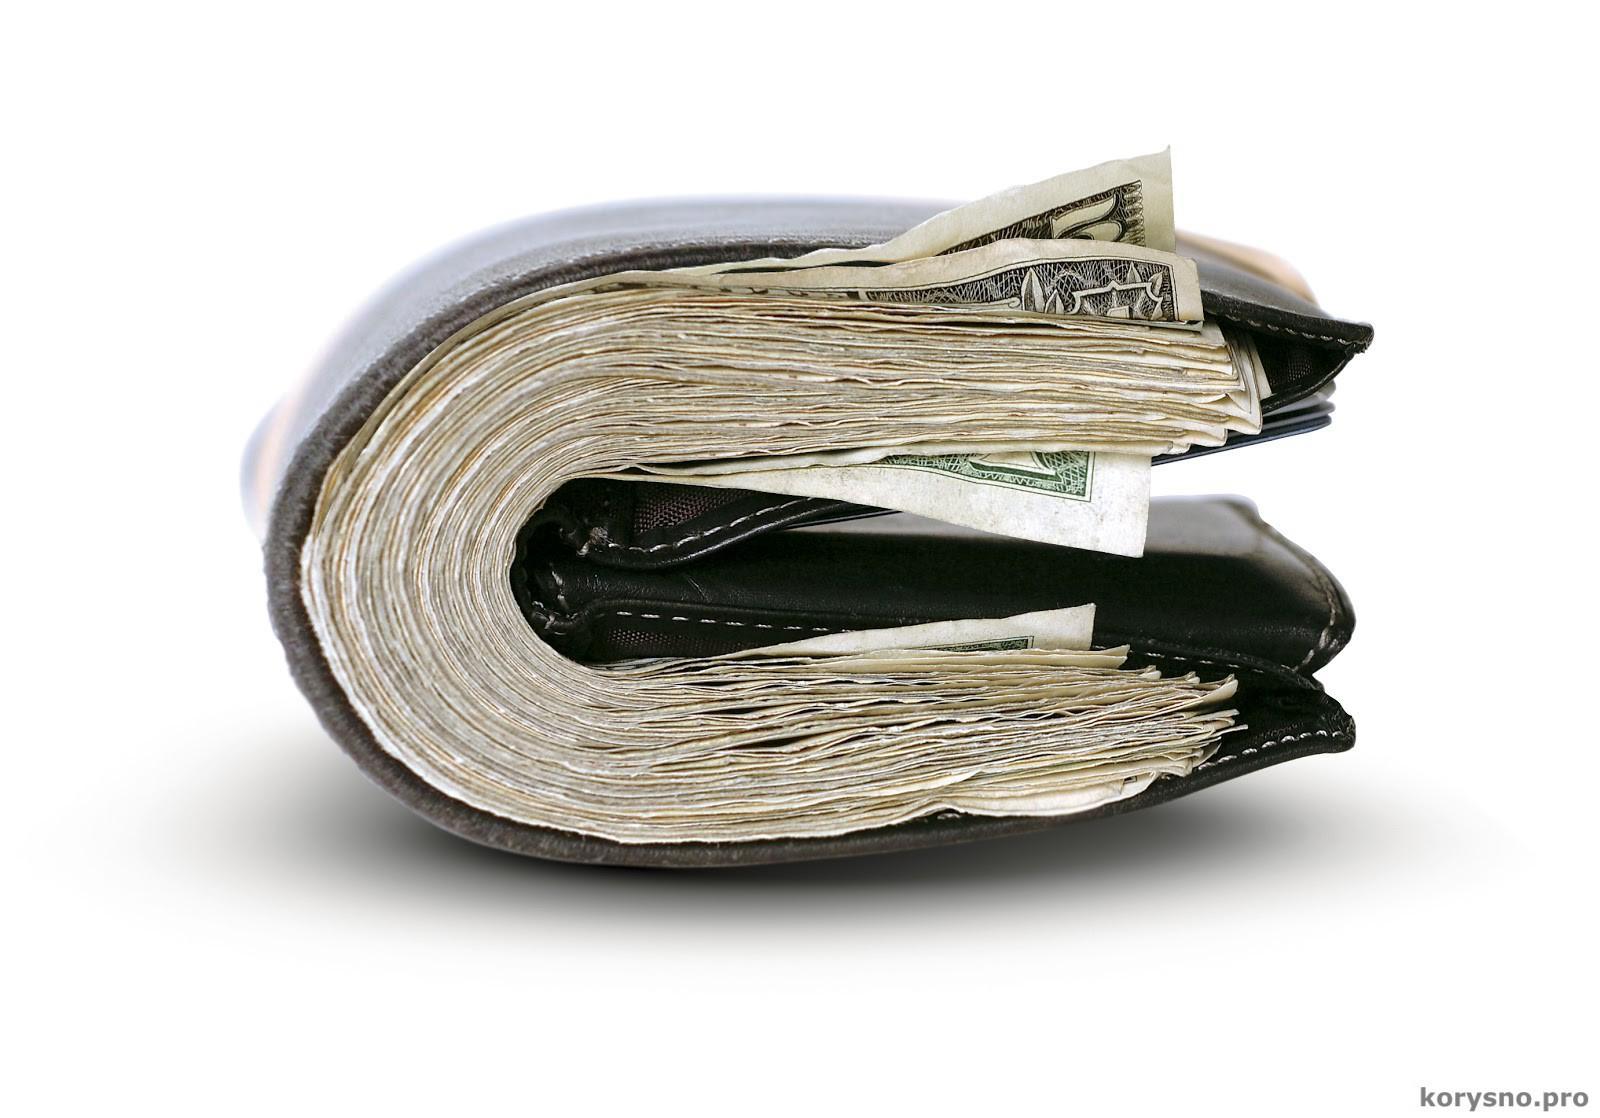 Как хранить деньги в кошельке,чтобы их там становилось всё больше?